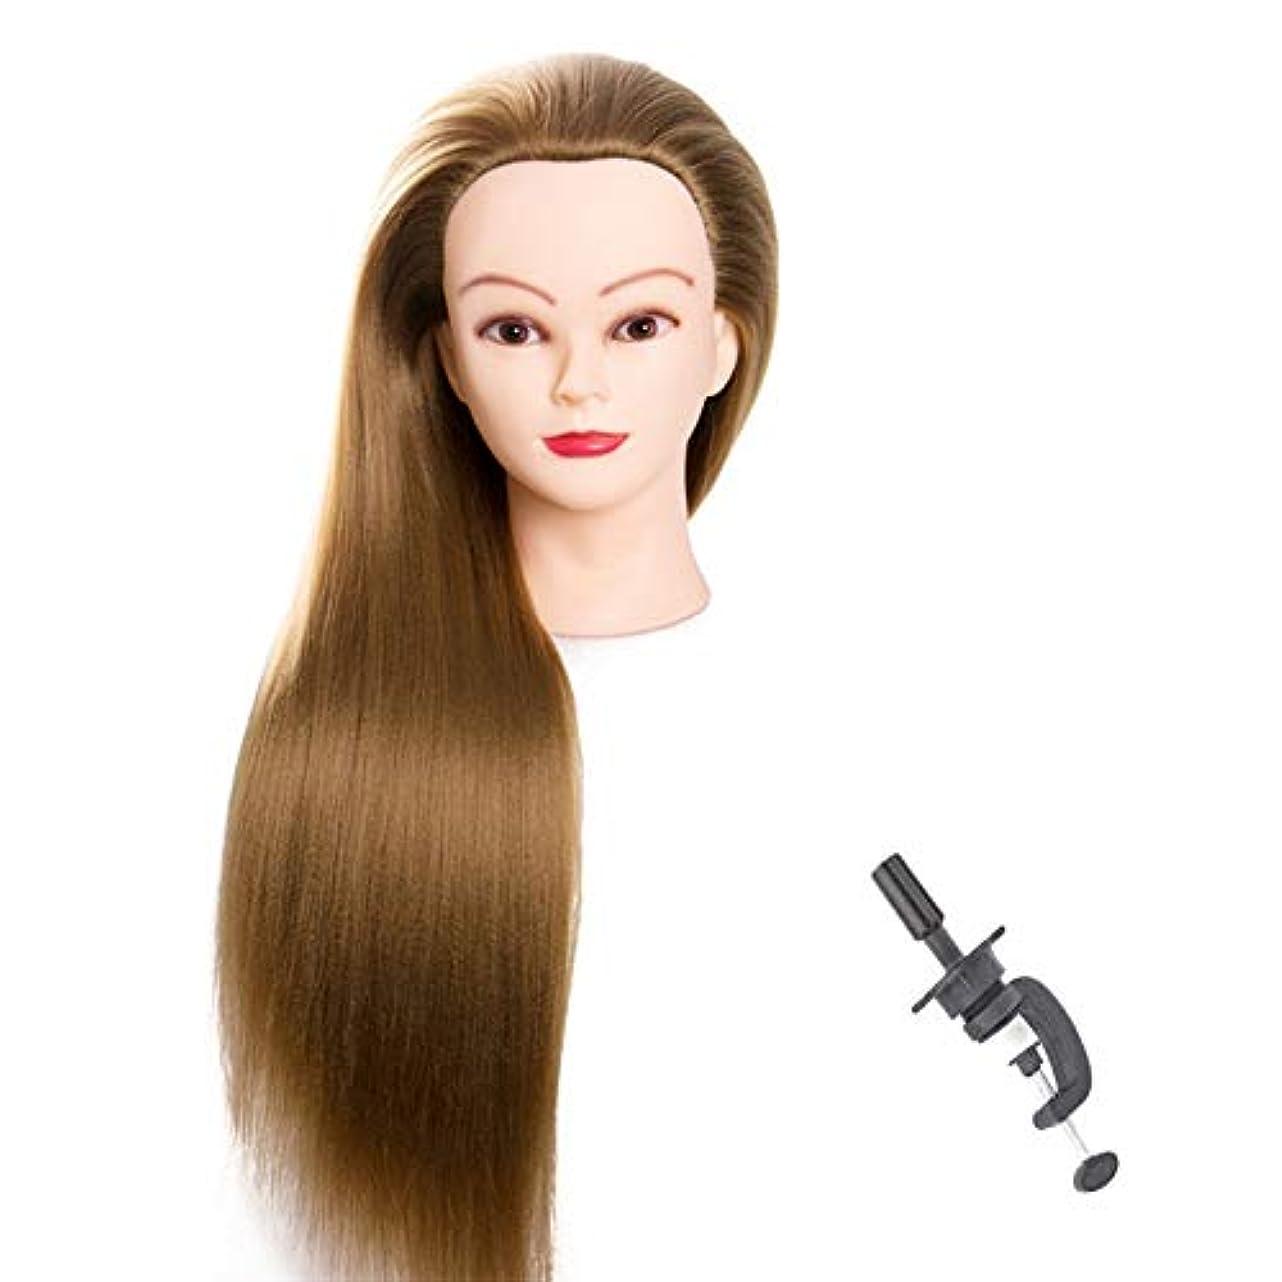 美容院トレーニングヘッドマネキンヘッド合成繊維美容マネキン、無料テーブルクランプスタンド、ゴールド